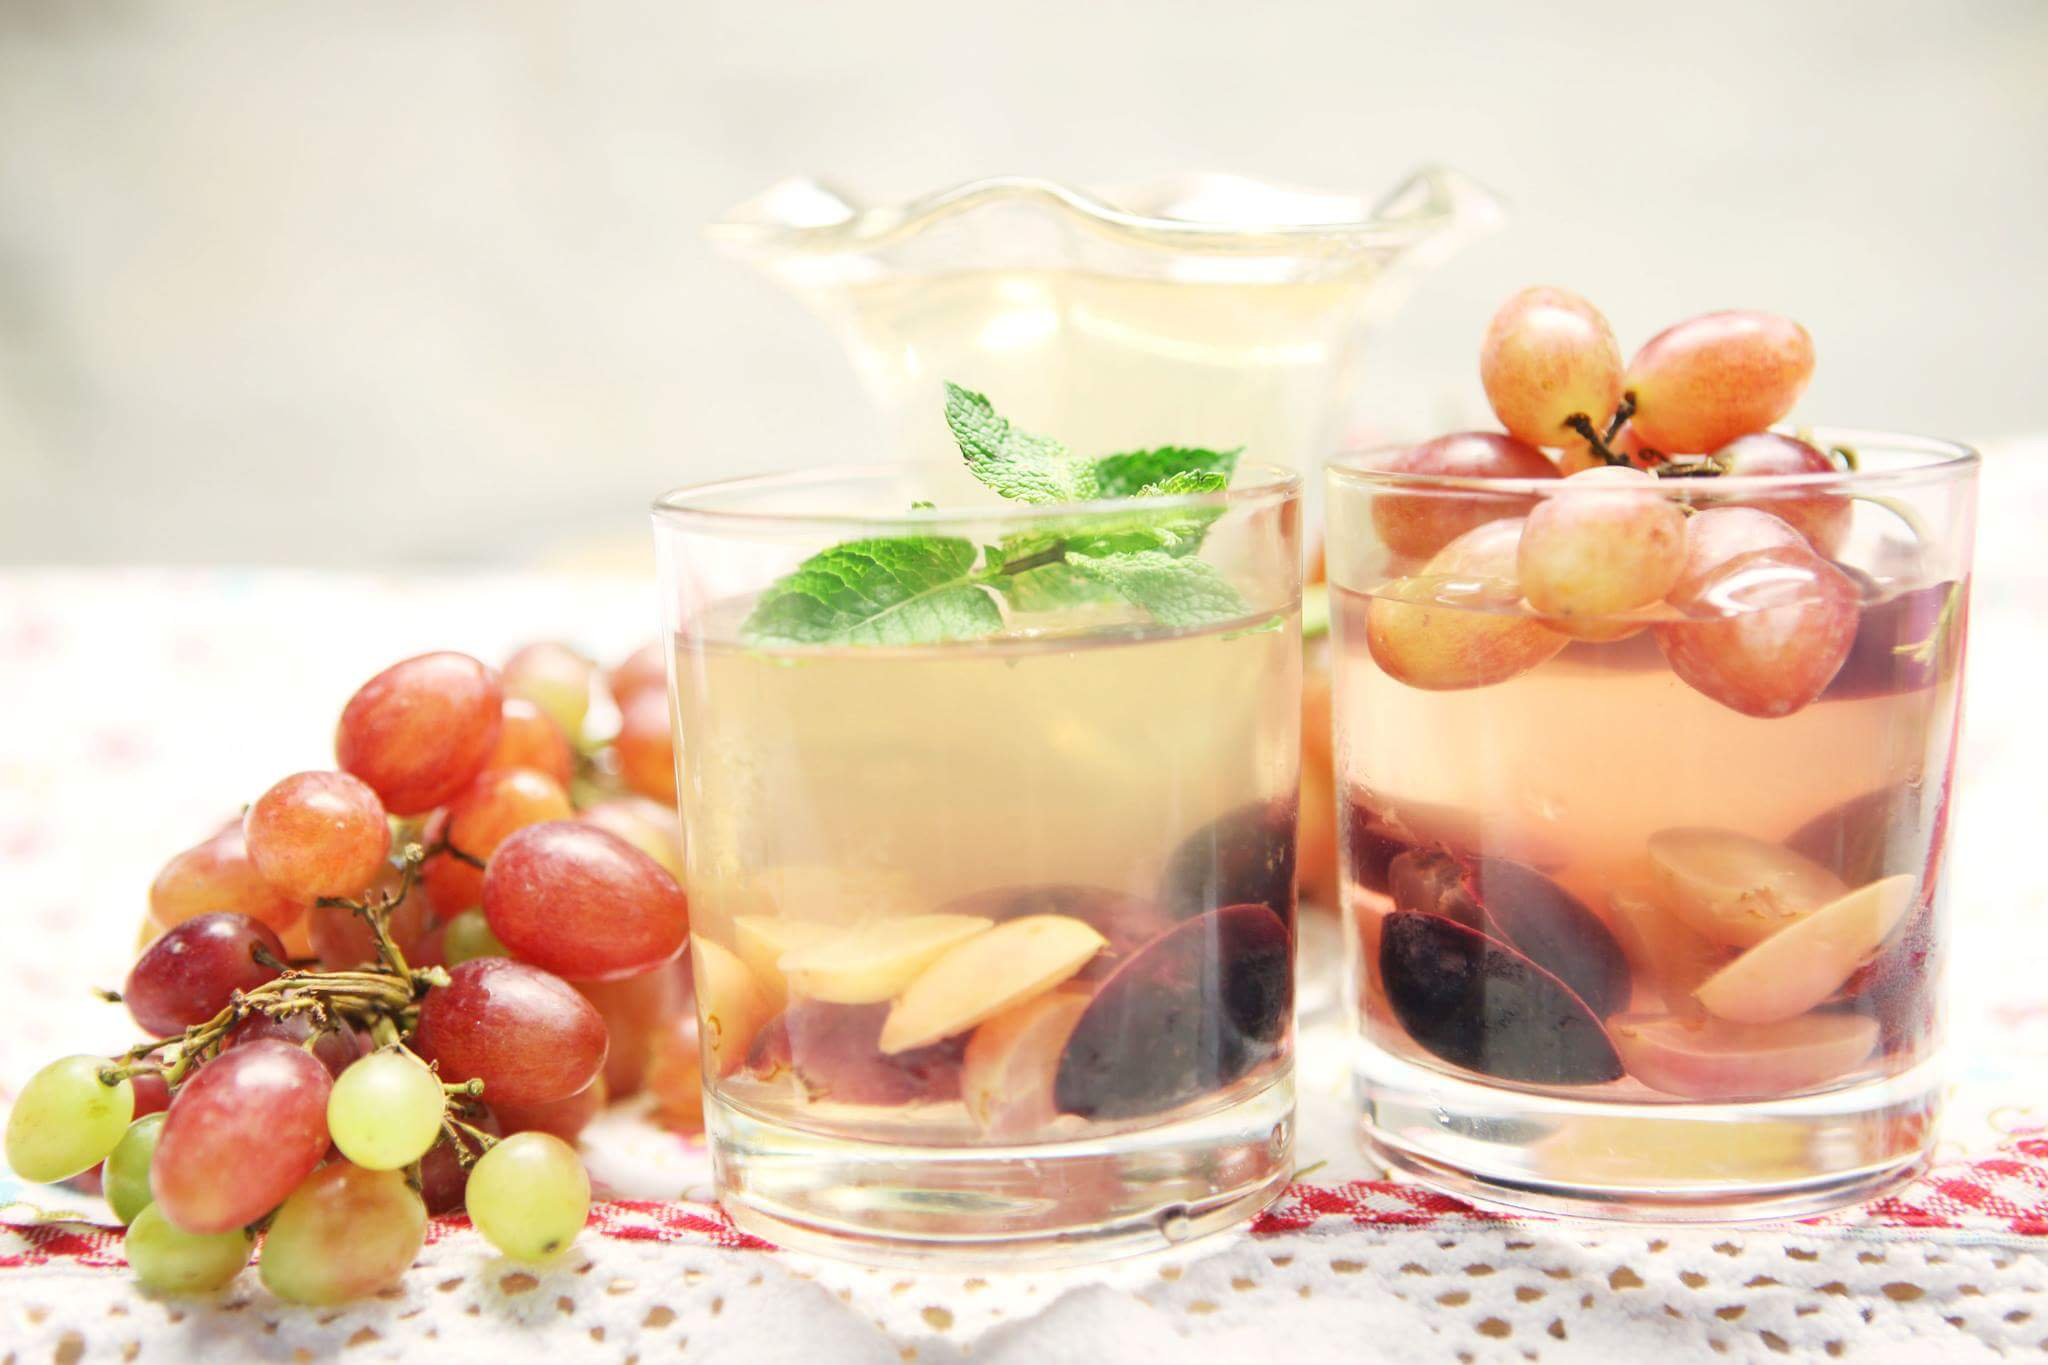 Рецепт Винное желе с виноградом и лавандой